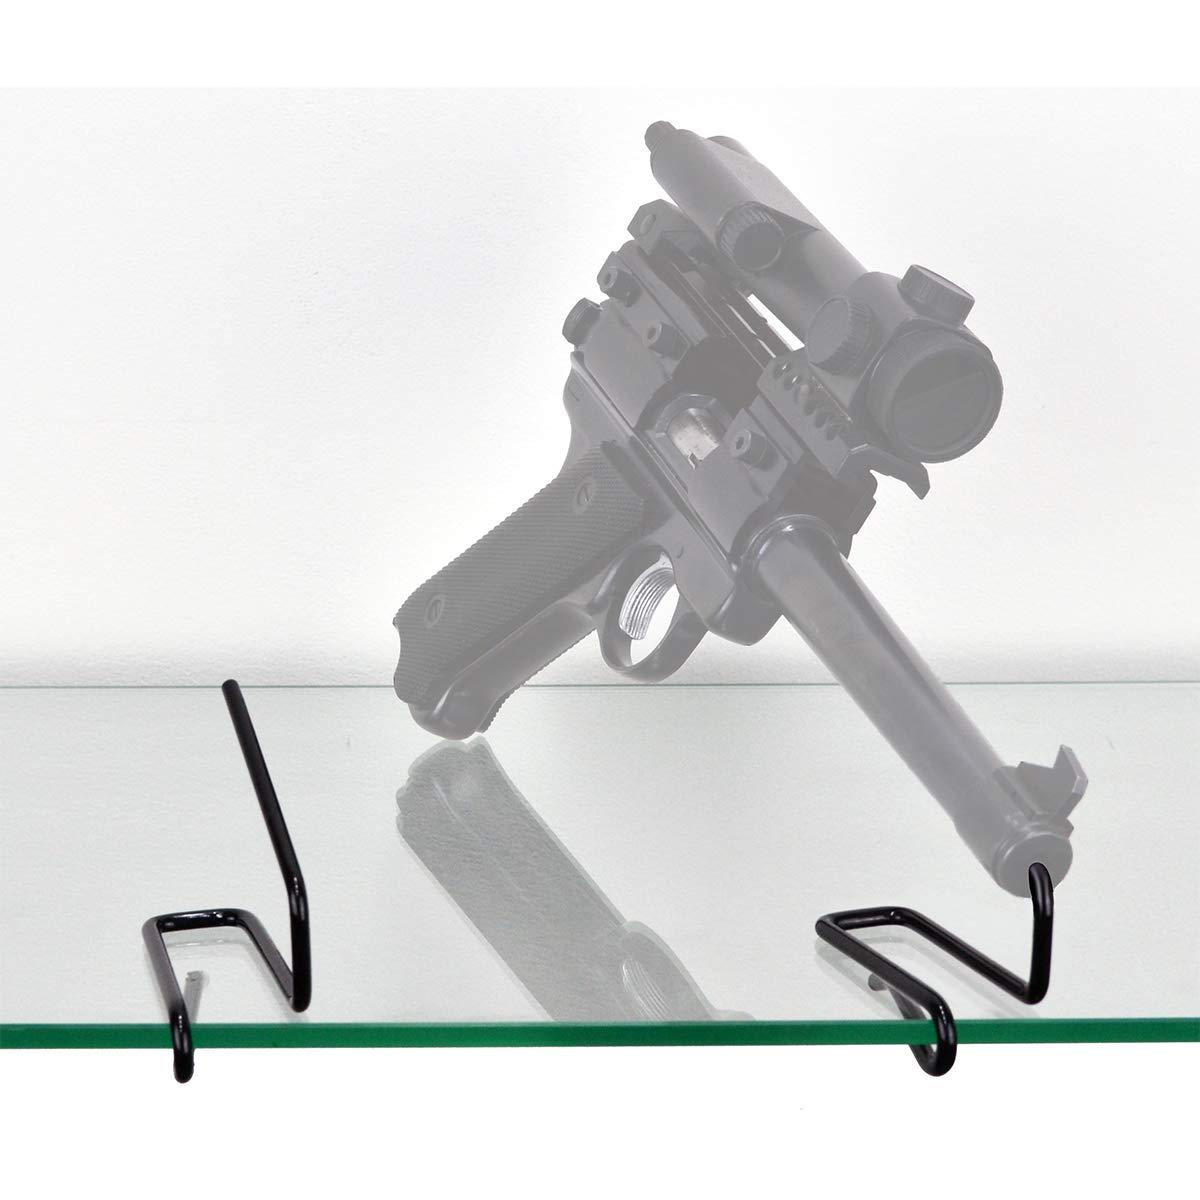 Gun Storage Solutions GSS Front Kickstands 22Cal 10Pk Stock Accessories by Gun Storage Solutions